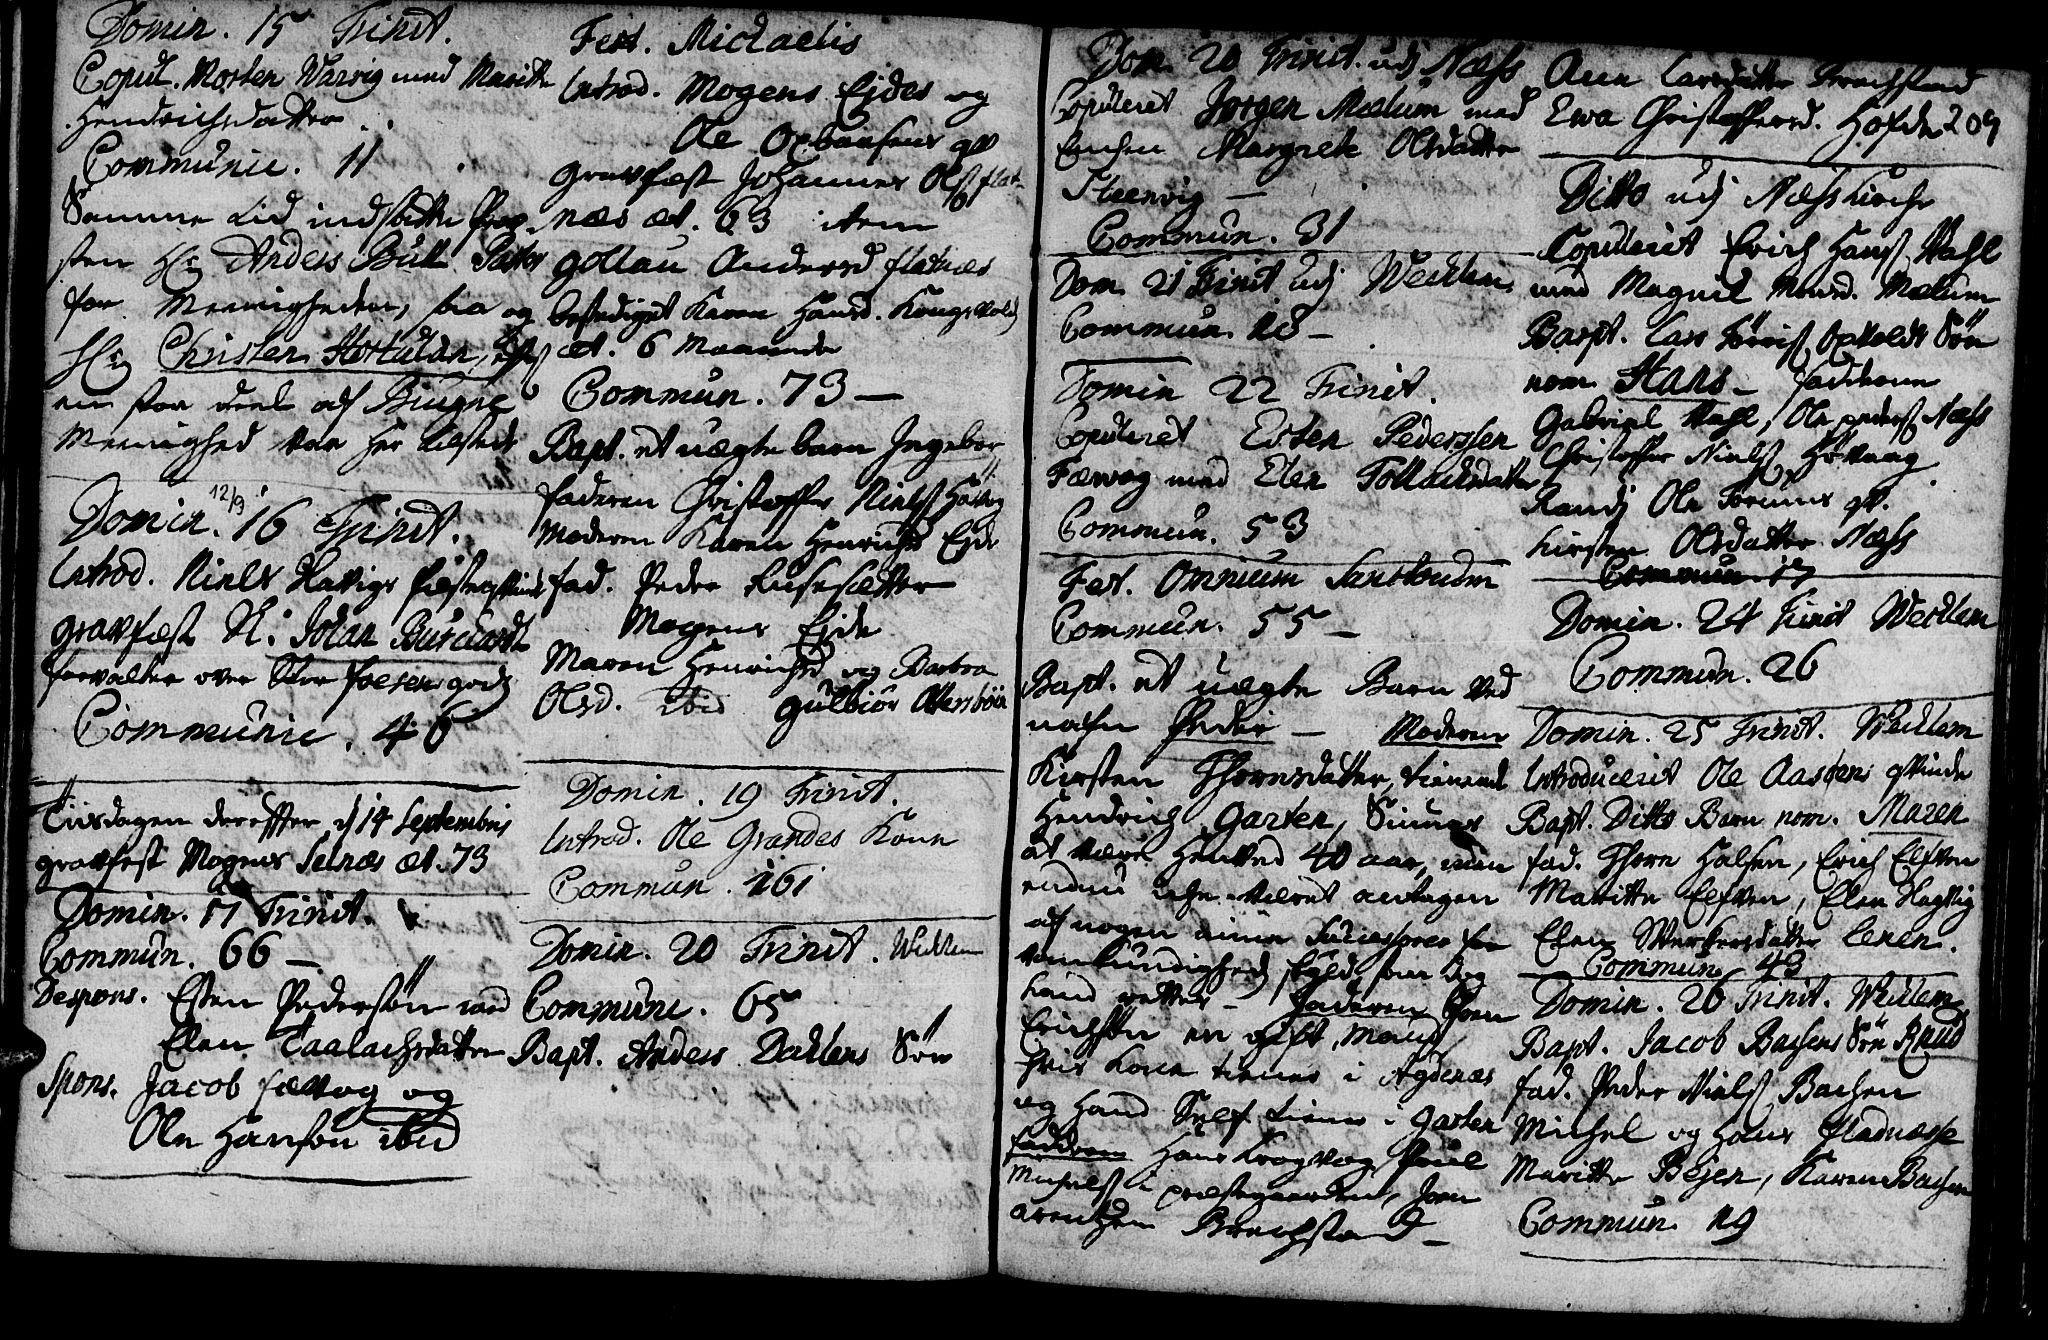 SAT, Ministerialprotokoller, klokkerbøker og fødselsregistre - Sør-Trøndelag, 659/L0731: Ministerialbok nr. 659A01, 1709-1731, s. 208-209